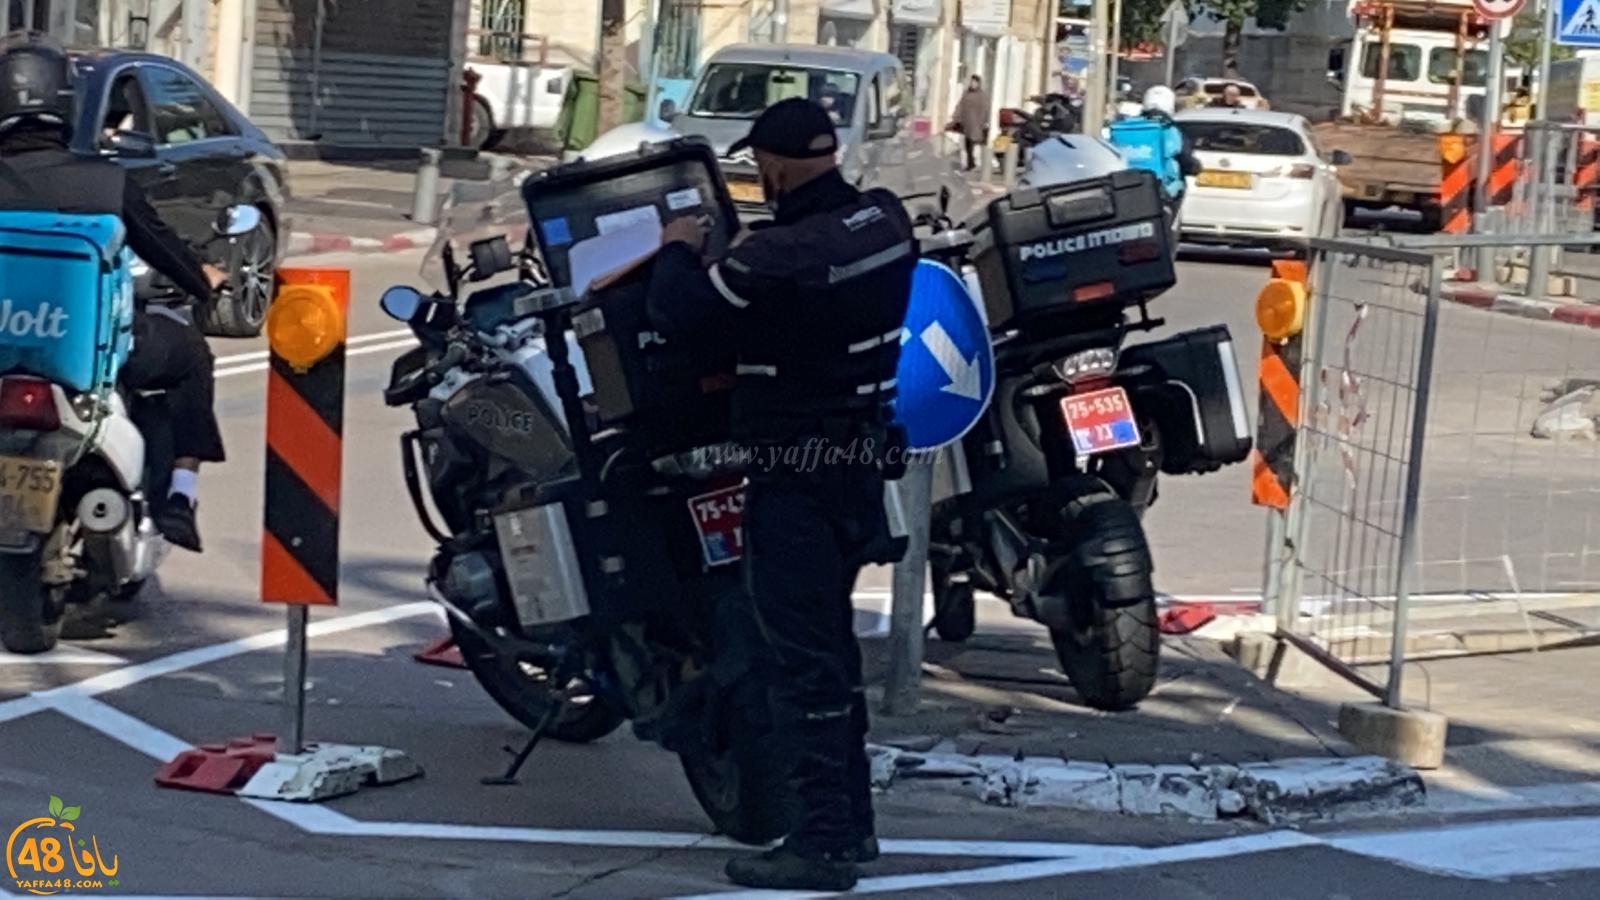 انتشار مكثّف لشرطة السير في شوارع يافا وحملة تحرير مخالفات